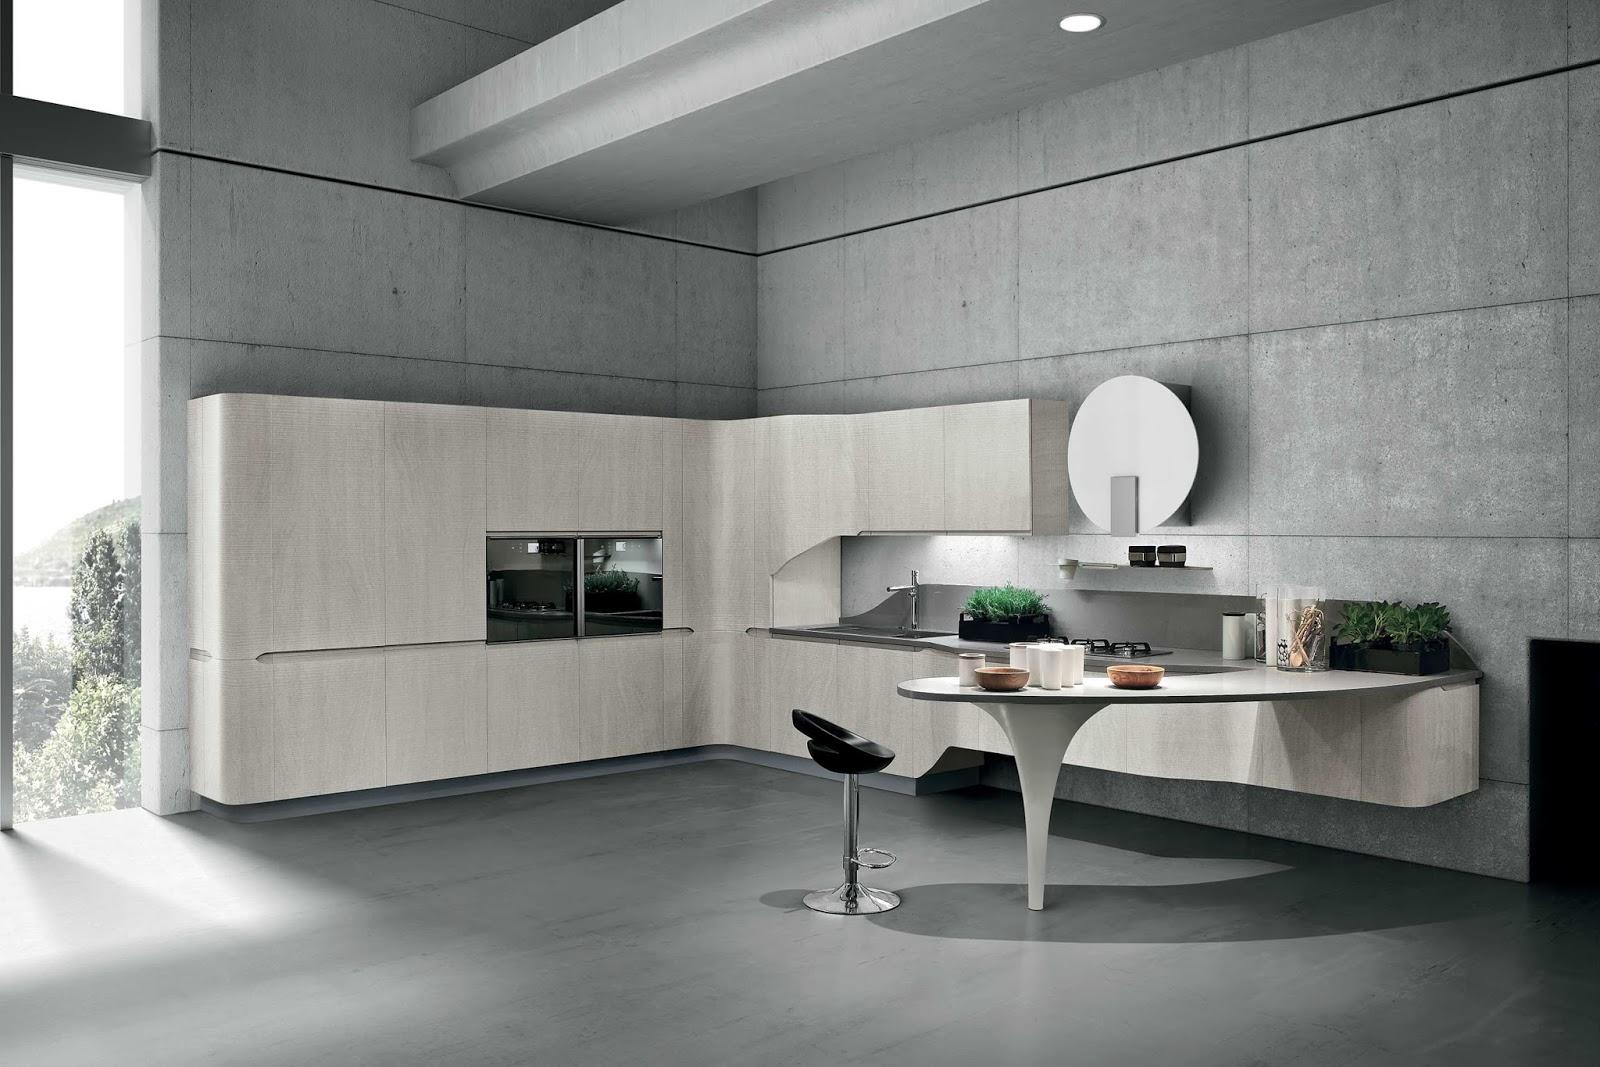 Cucina Scavolini Modello Beatrice : Cucina carol scavolini ...